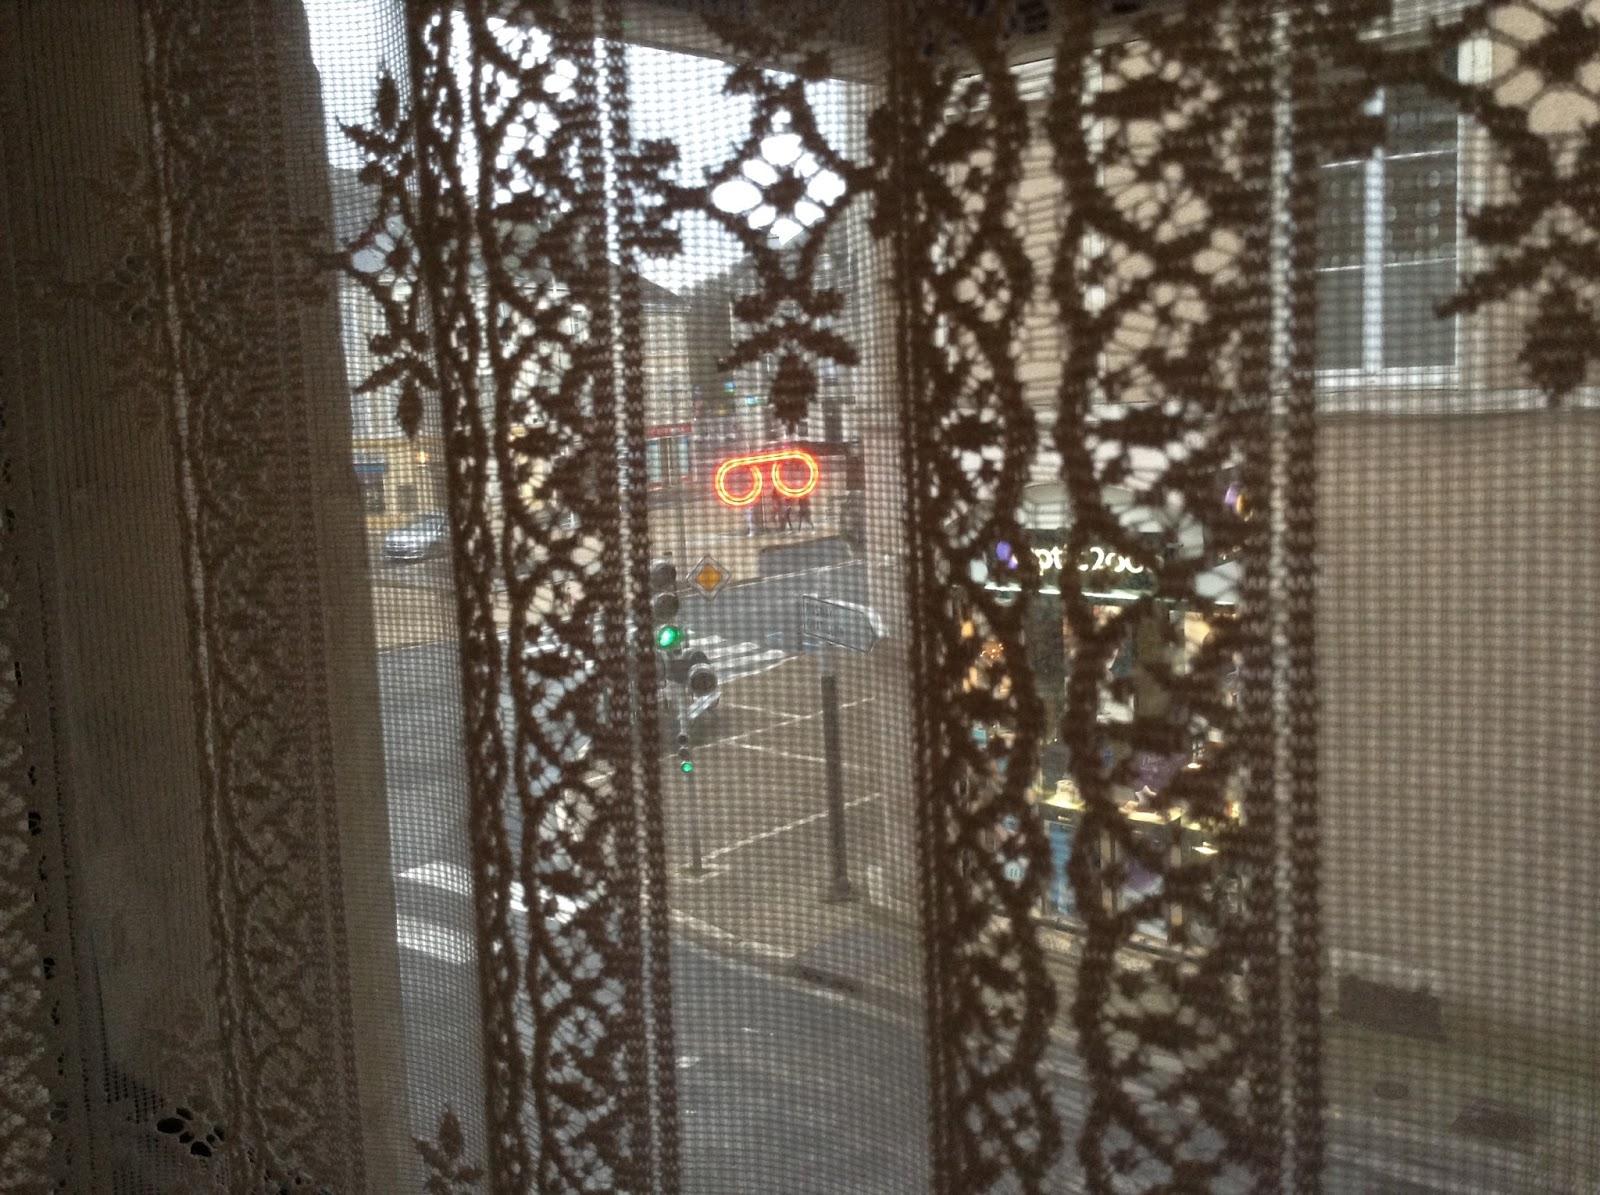 Fen tres open space une semaine l 39 h tel for Fenetre qui clignote